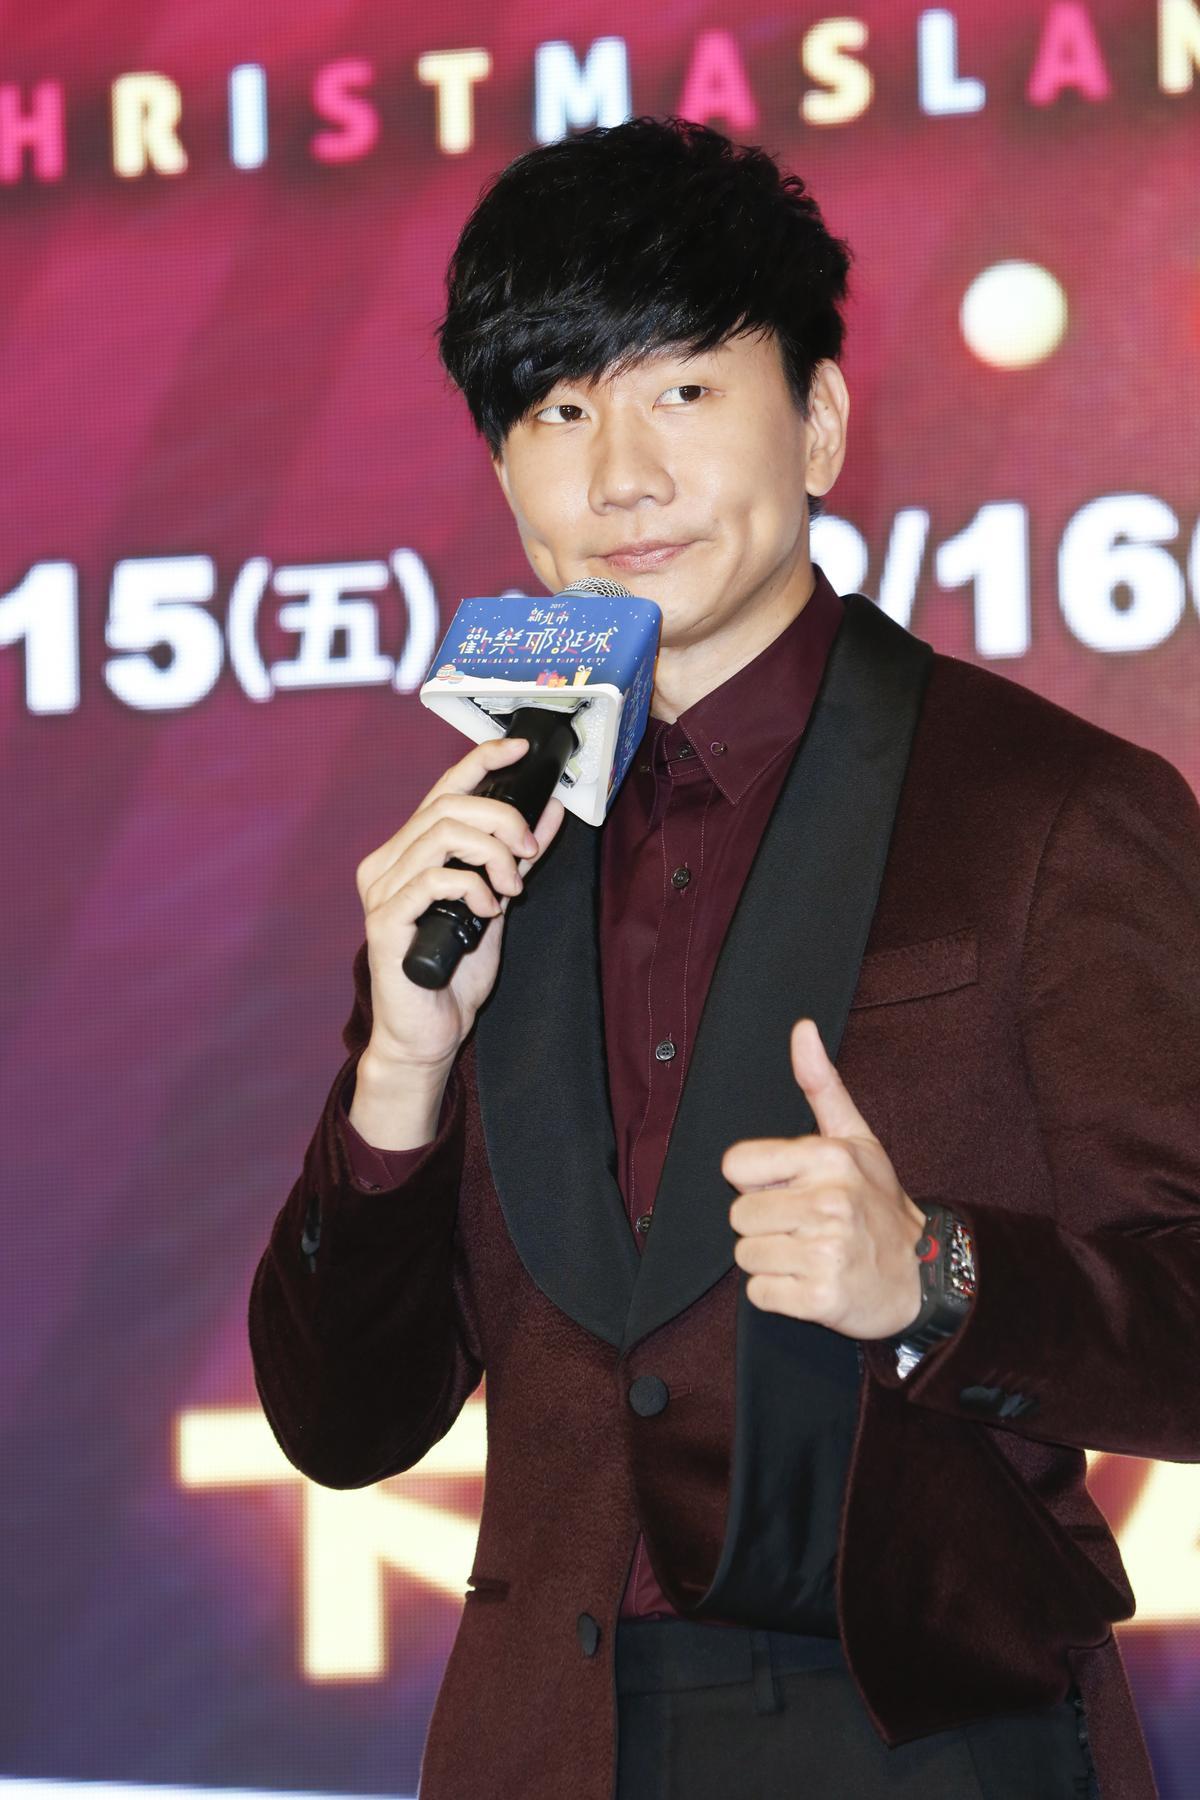 林俊傑今年耶誕節留在台灣表演,也是今年在台最後一場。